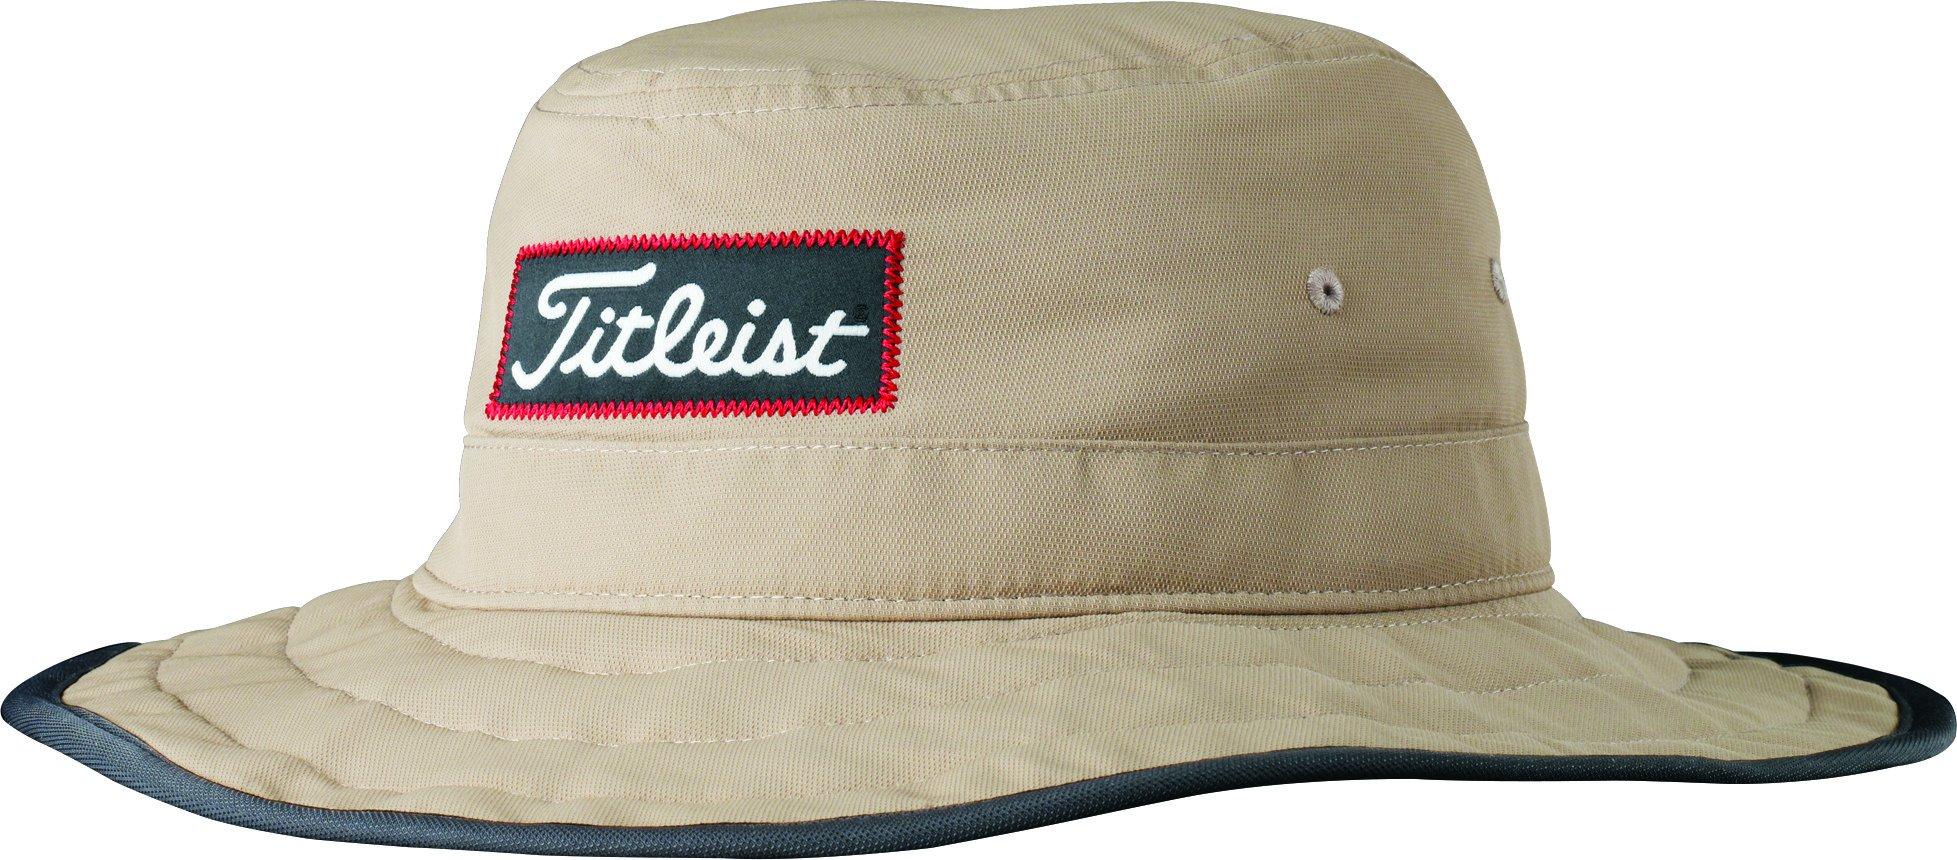 Galleon - Titleist Aussie Hat 2016 (Large X-Large bfb4e253190